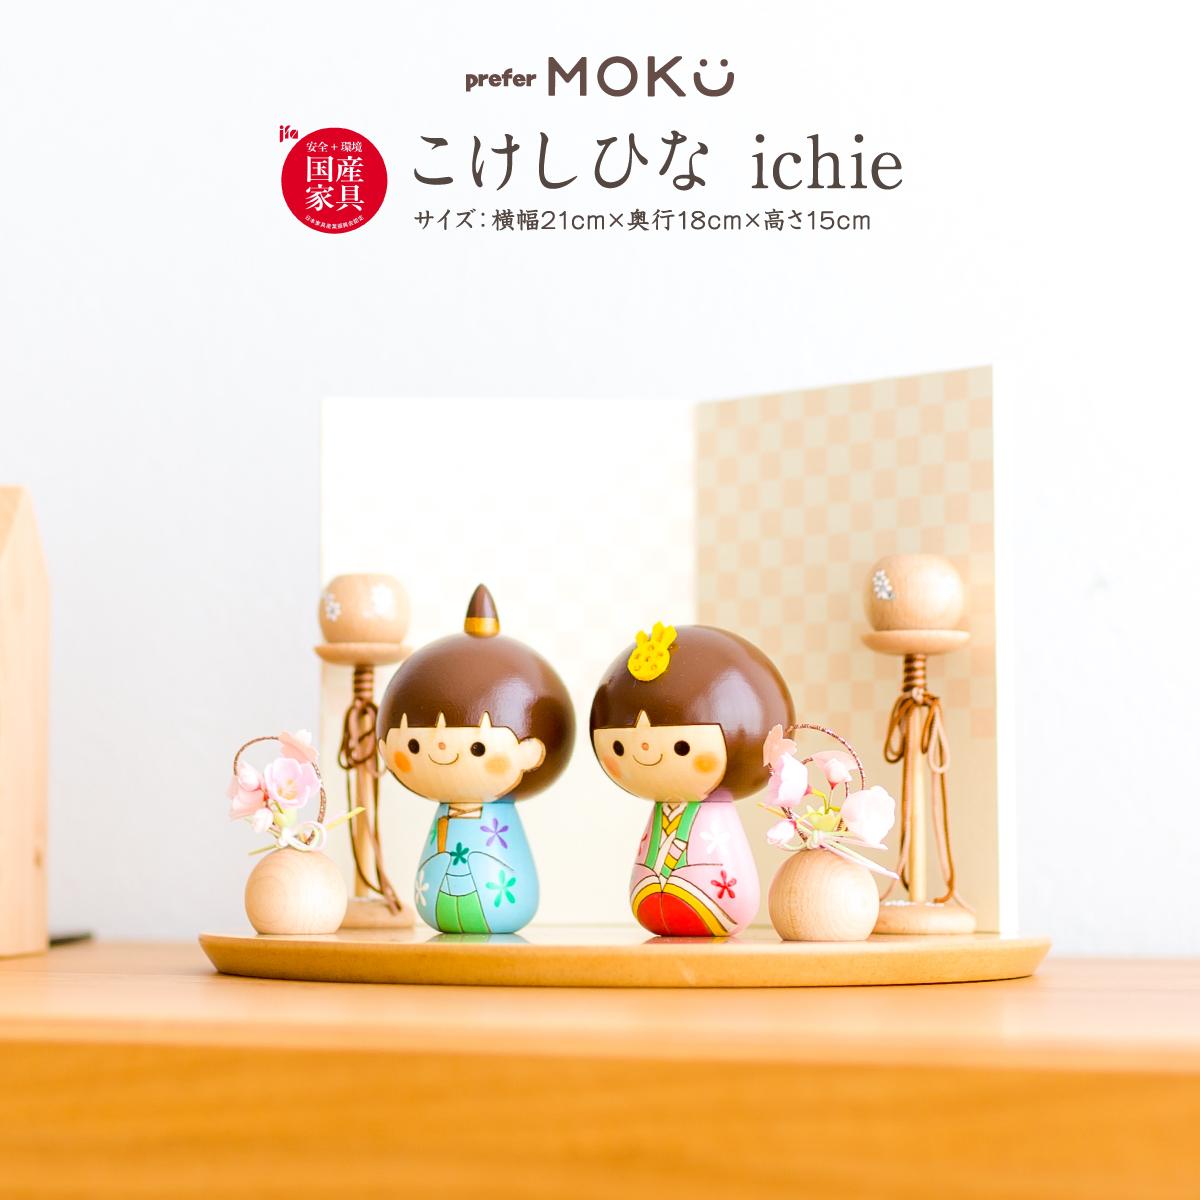 雛人形 木製 ひな人形 prefer MOKU こけしひな ichie [KOKECHI] produced by 卯三郎の孫 群馬/卯三郎こけし